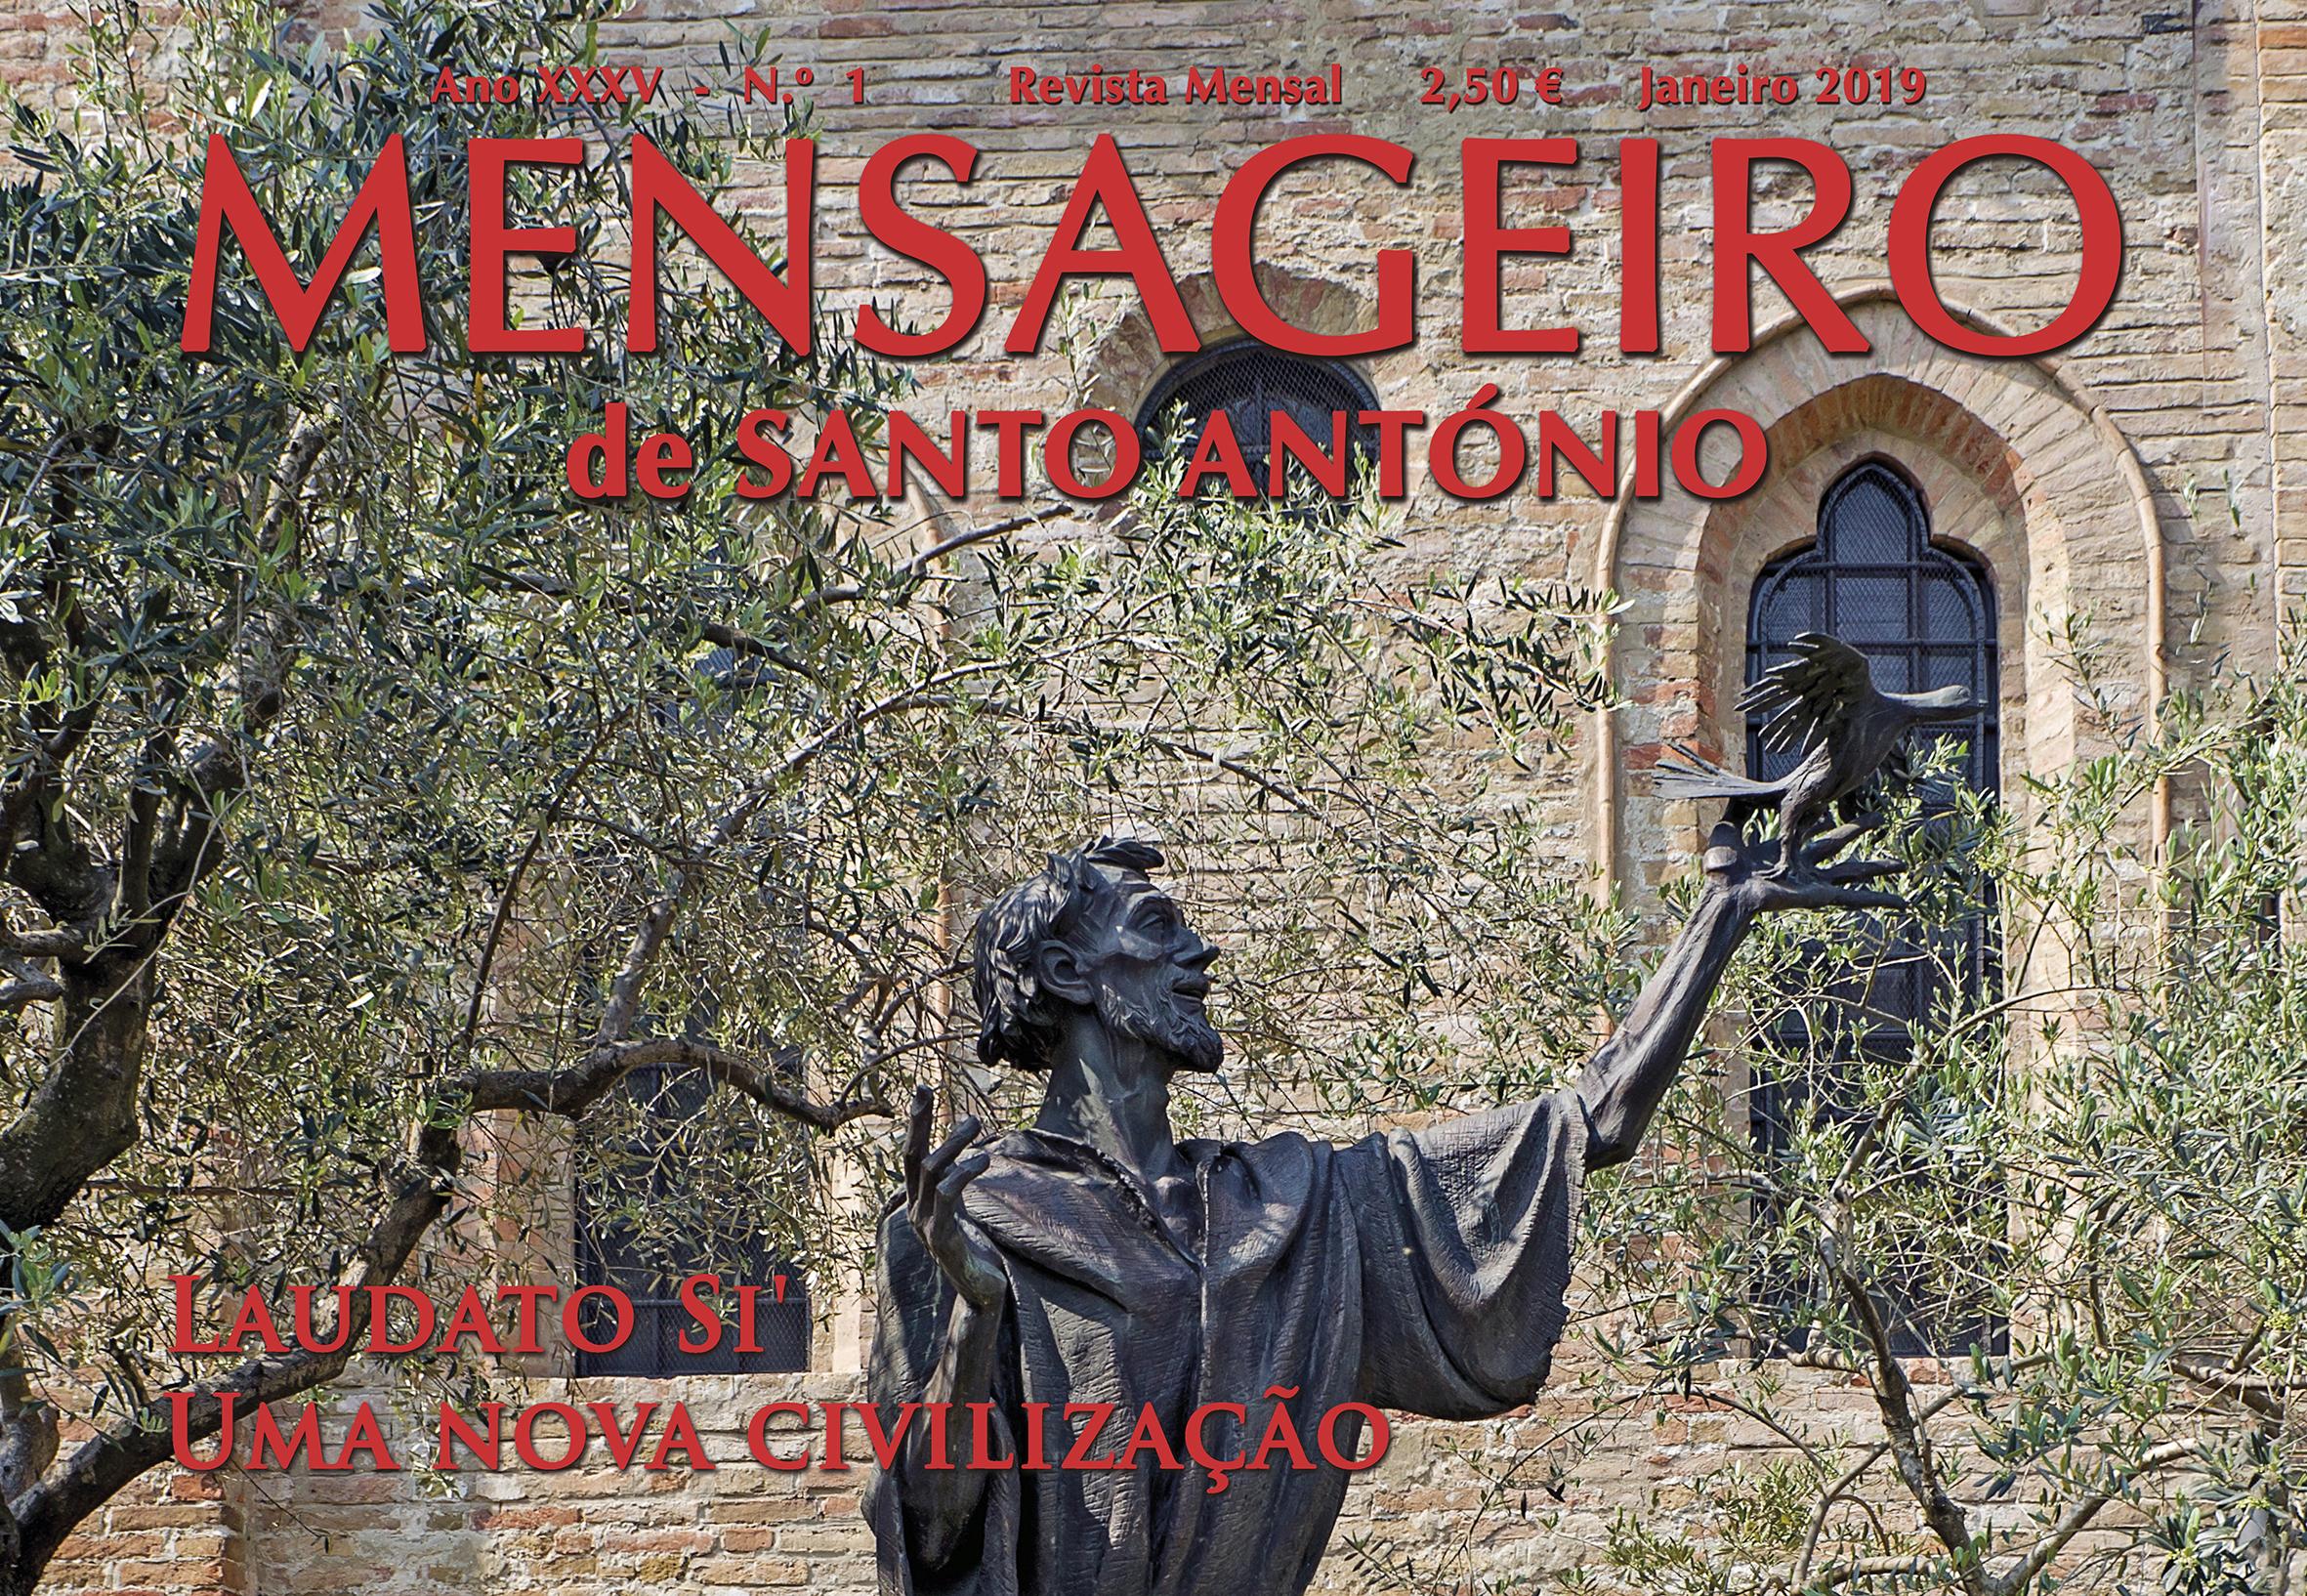 Capa Mensageiro de Santo António janeiro 2019, São Francisco de Assis louvando a criação. Laudato Si' - uma nova civilização.